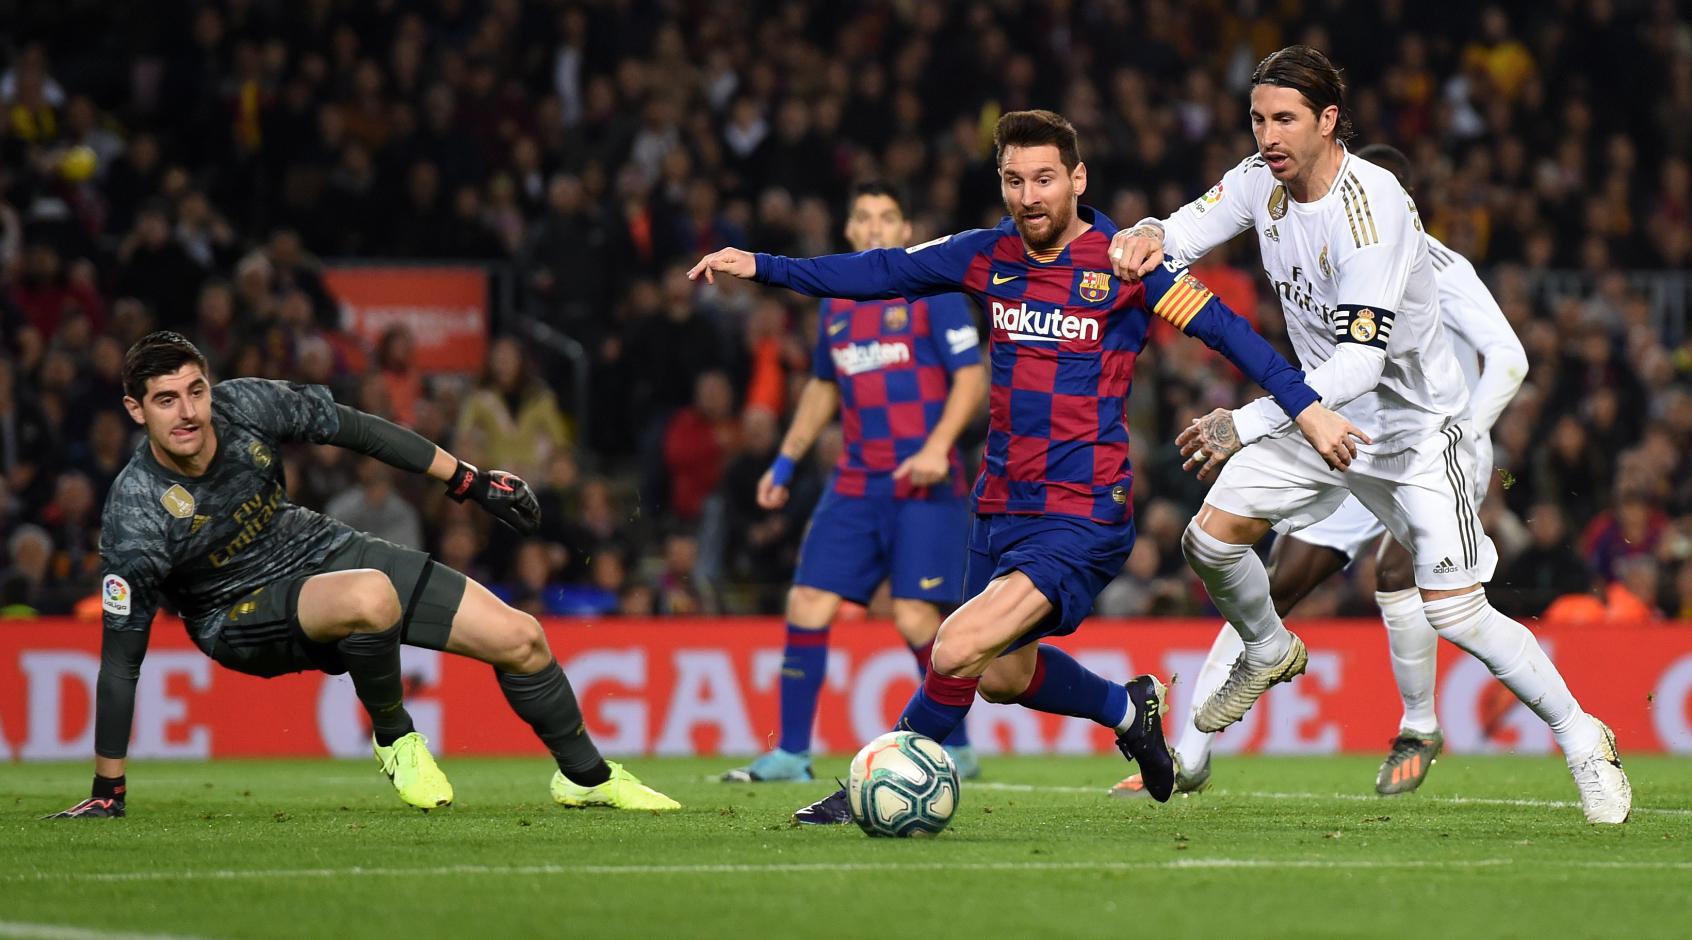 """""""Барселона"""" готова предложить Месси новый контракт с окладом в 50 млн. евро в год"""